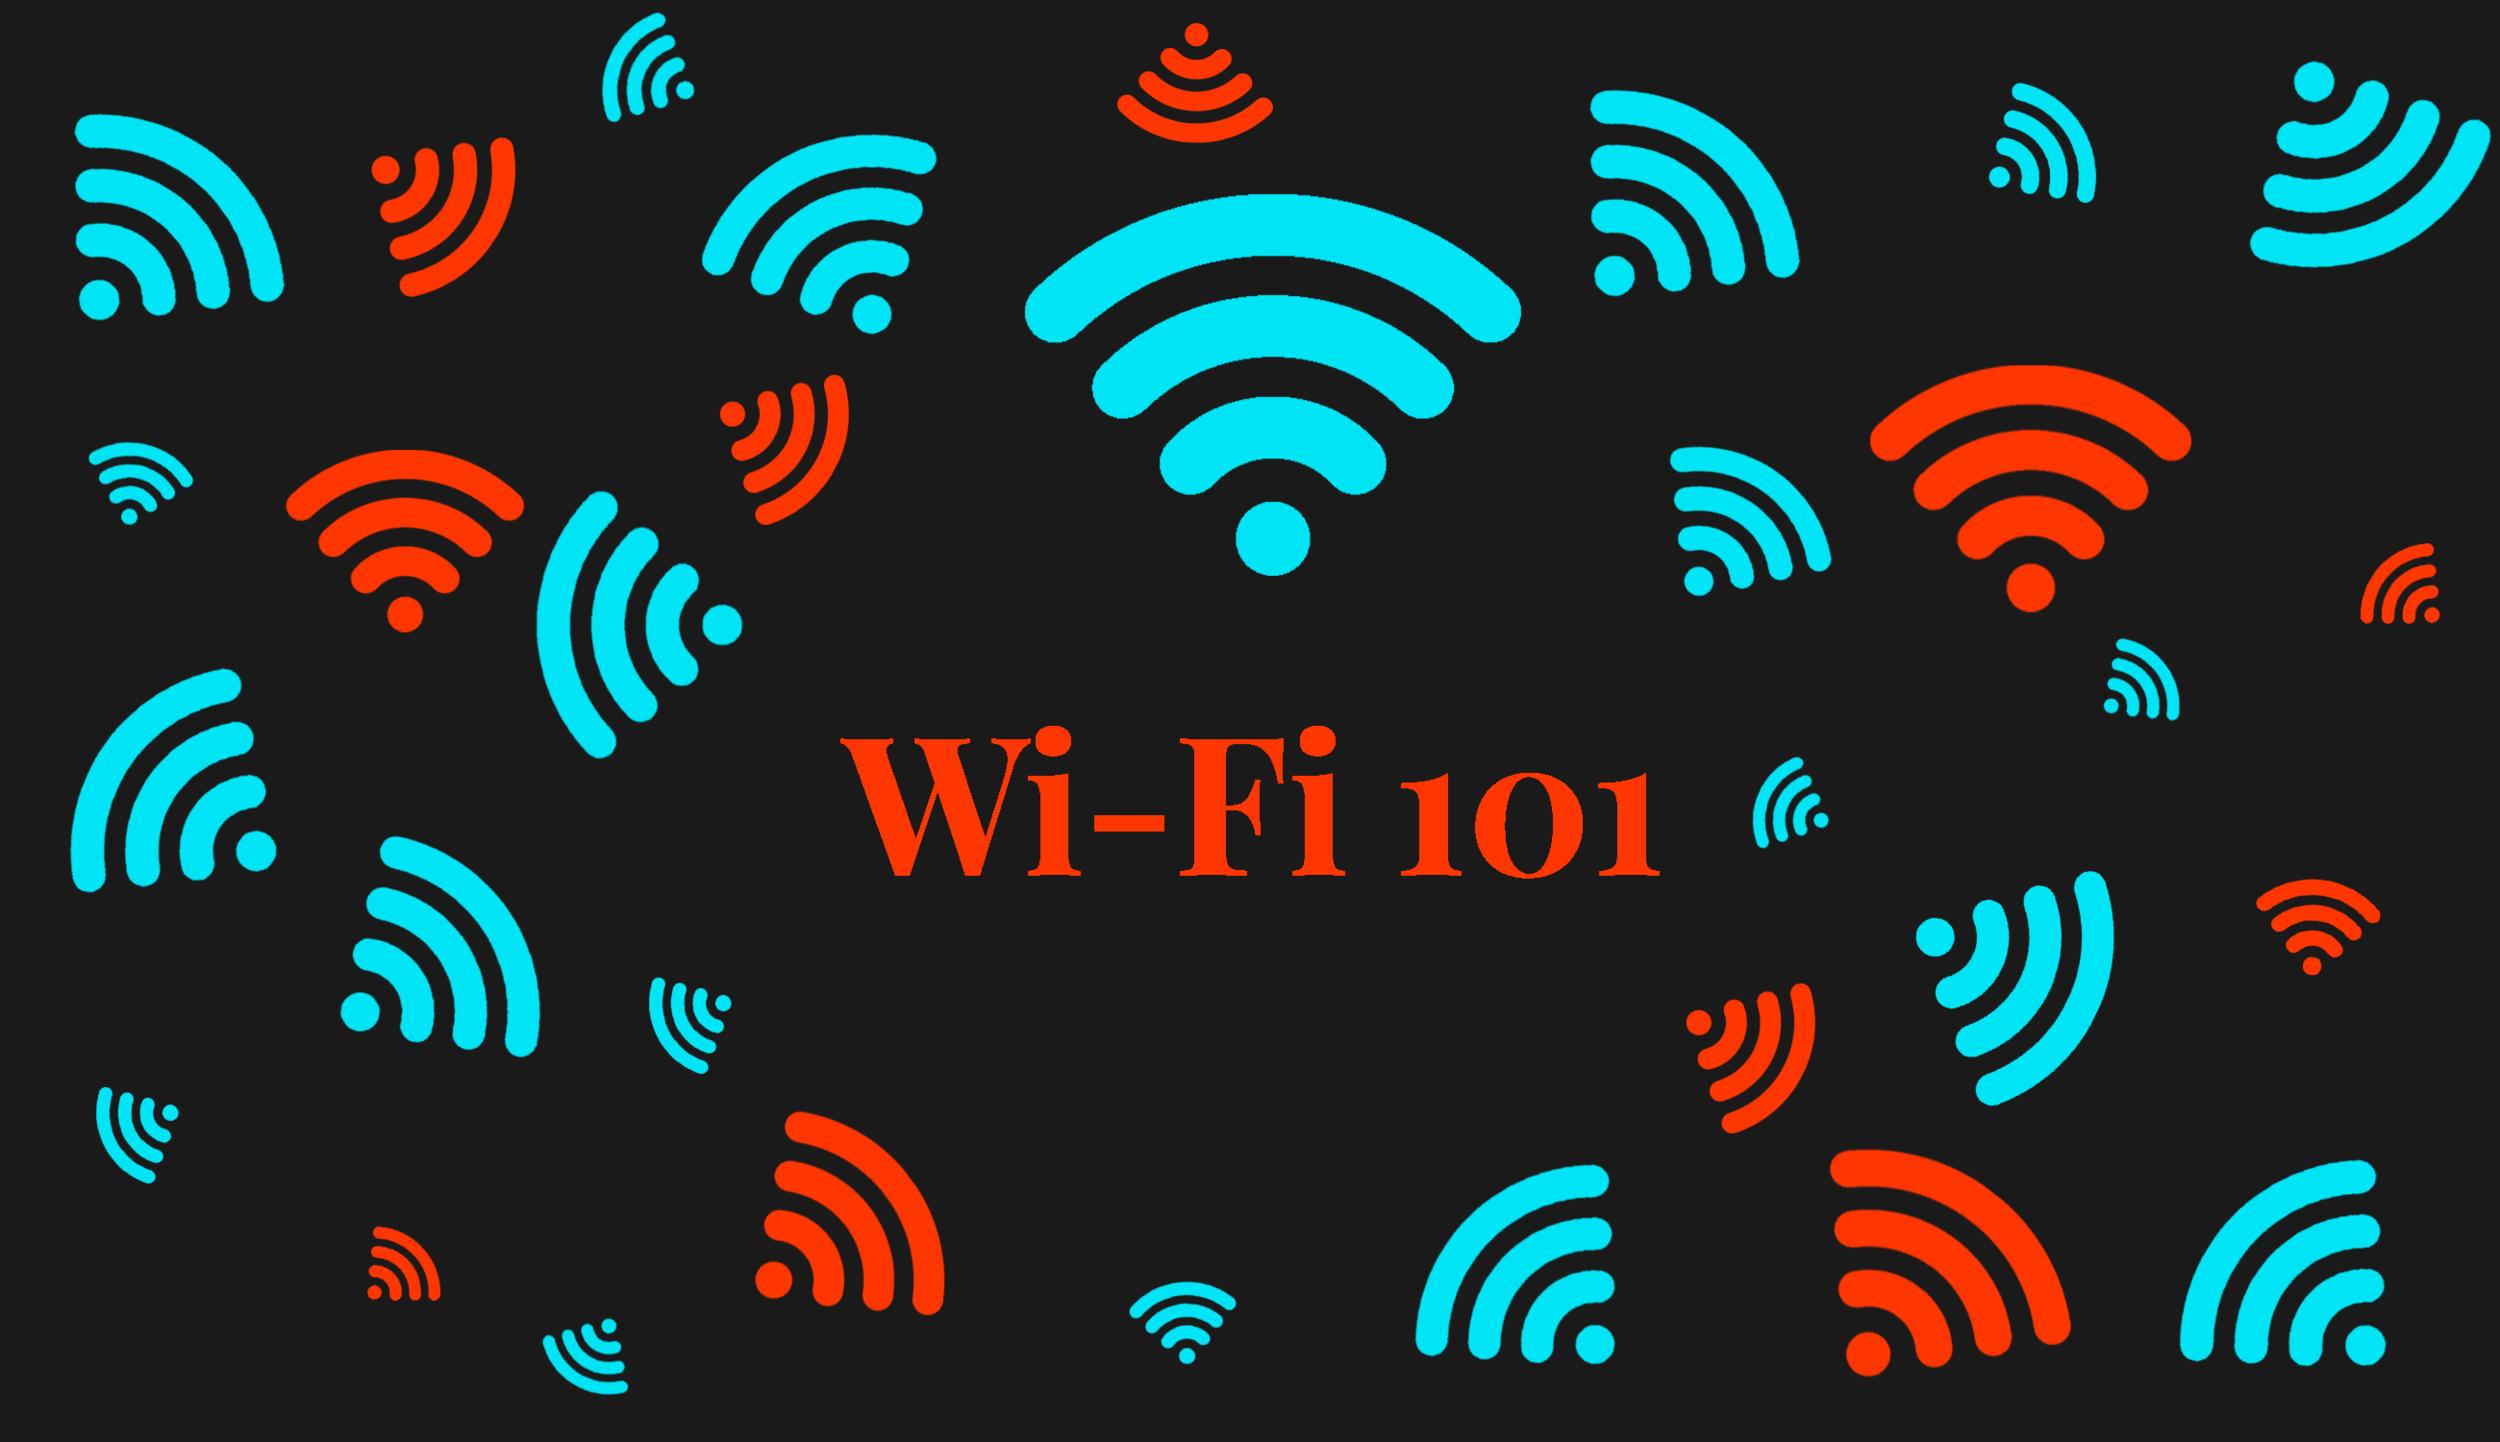 Wi-Fi 101 — Wi-Fi 6E In-Depth